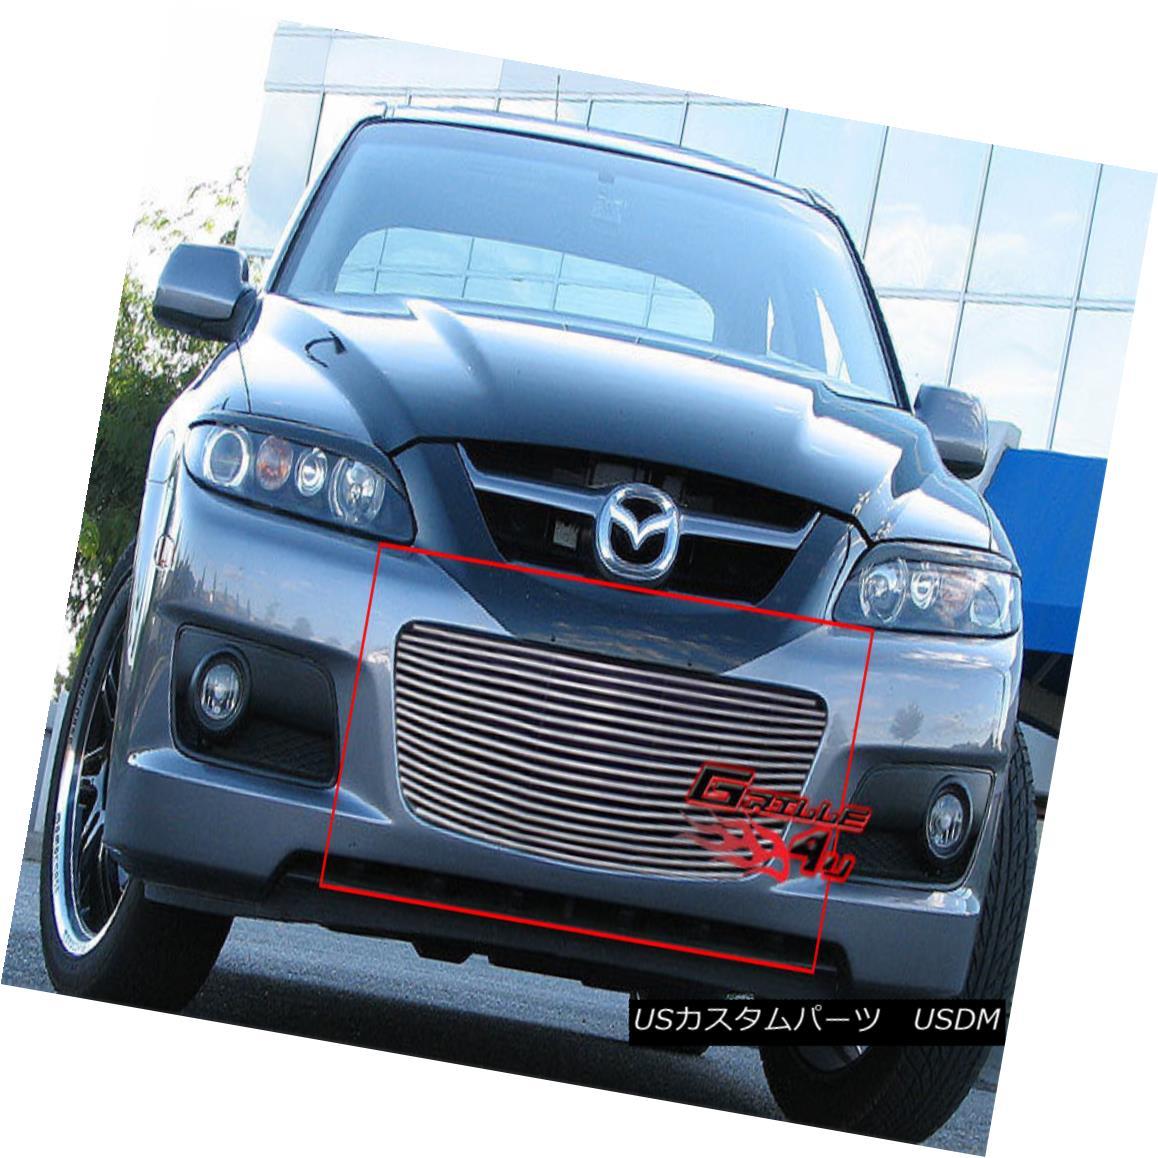 グリル Fits 2006-2007 Mazda Speed 6 Lower Bumper Billet Grille Insert フィット2006-2007マツダスピード6ロワーバンパービレットグリルインサート